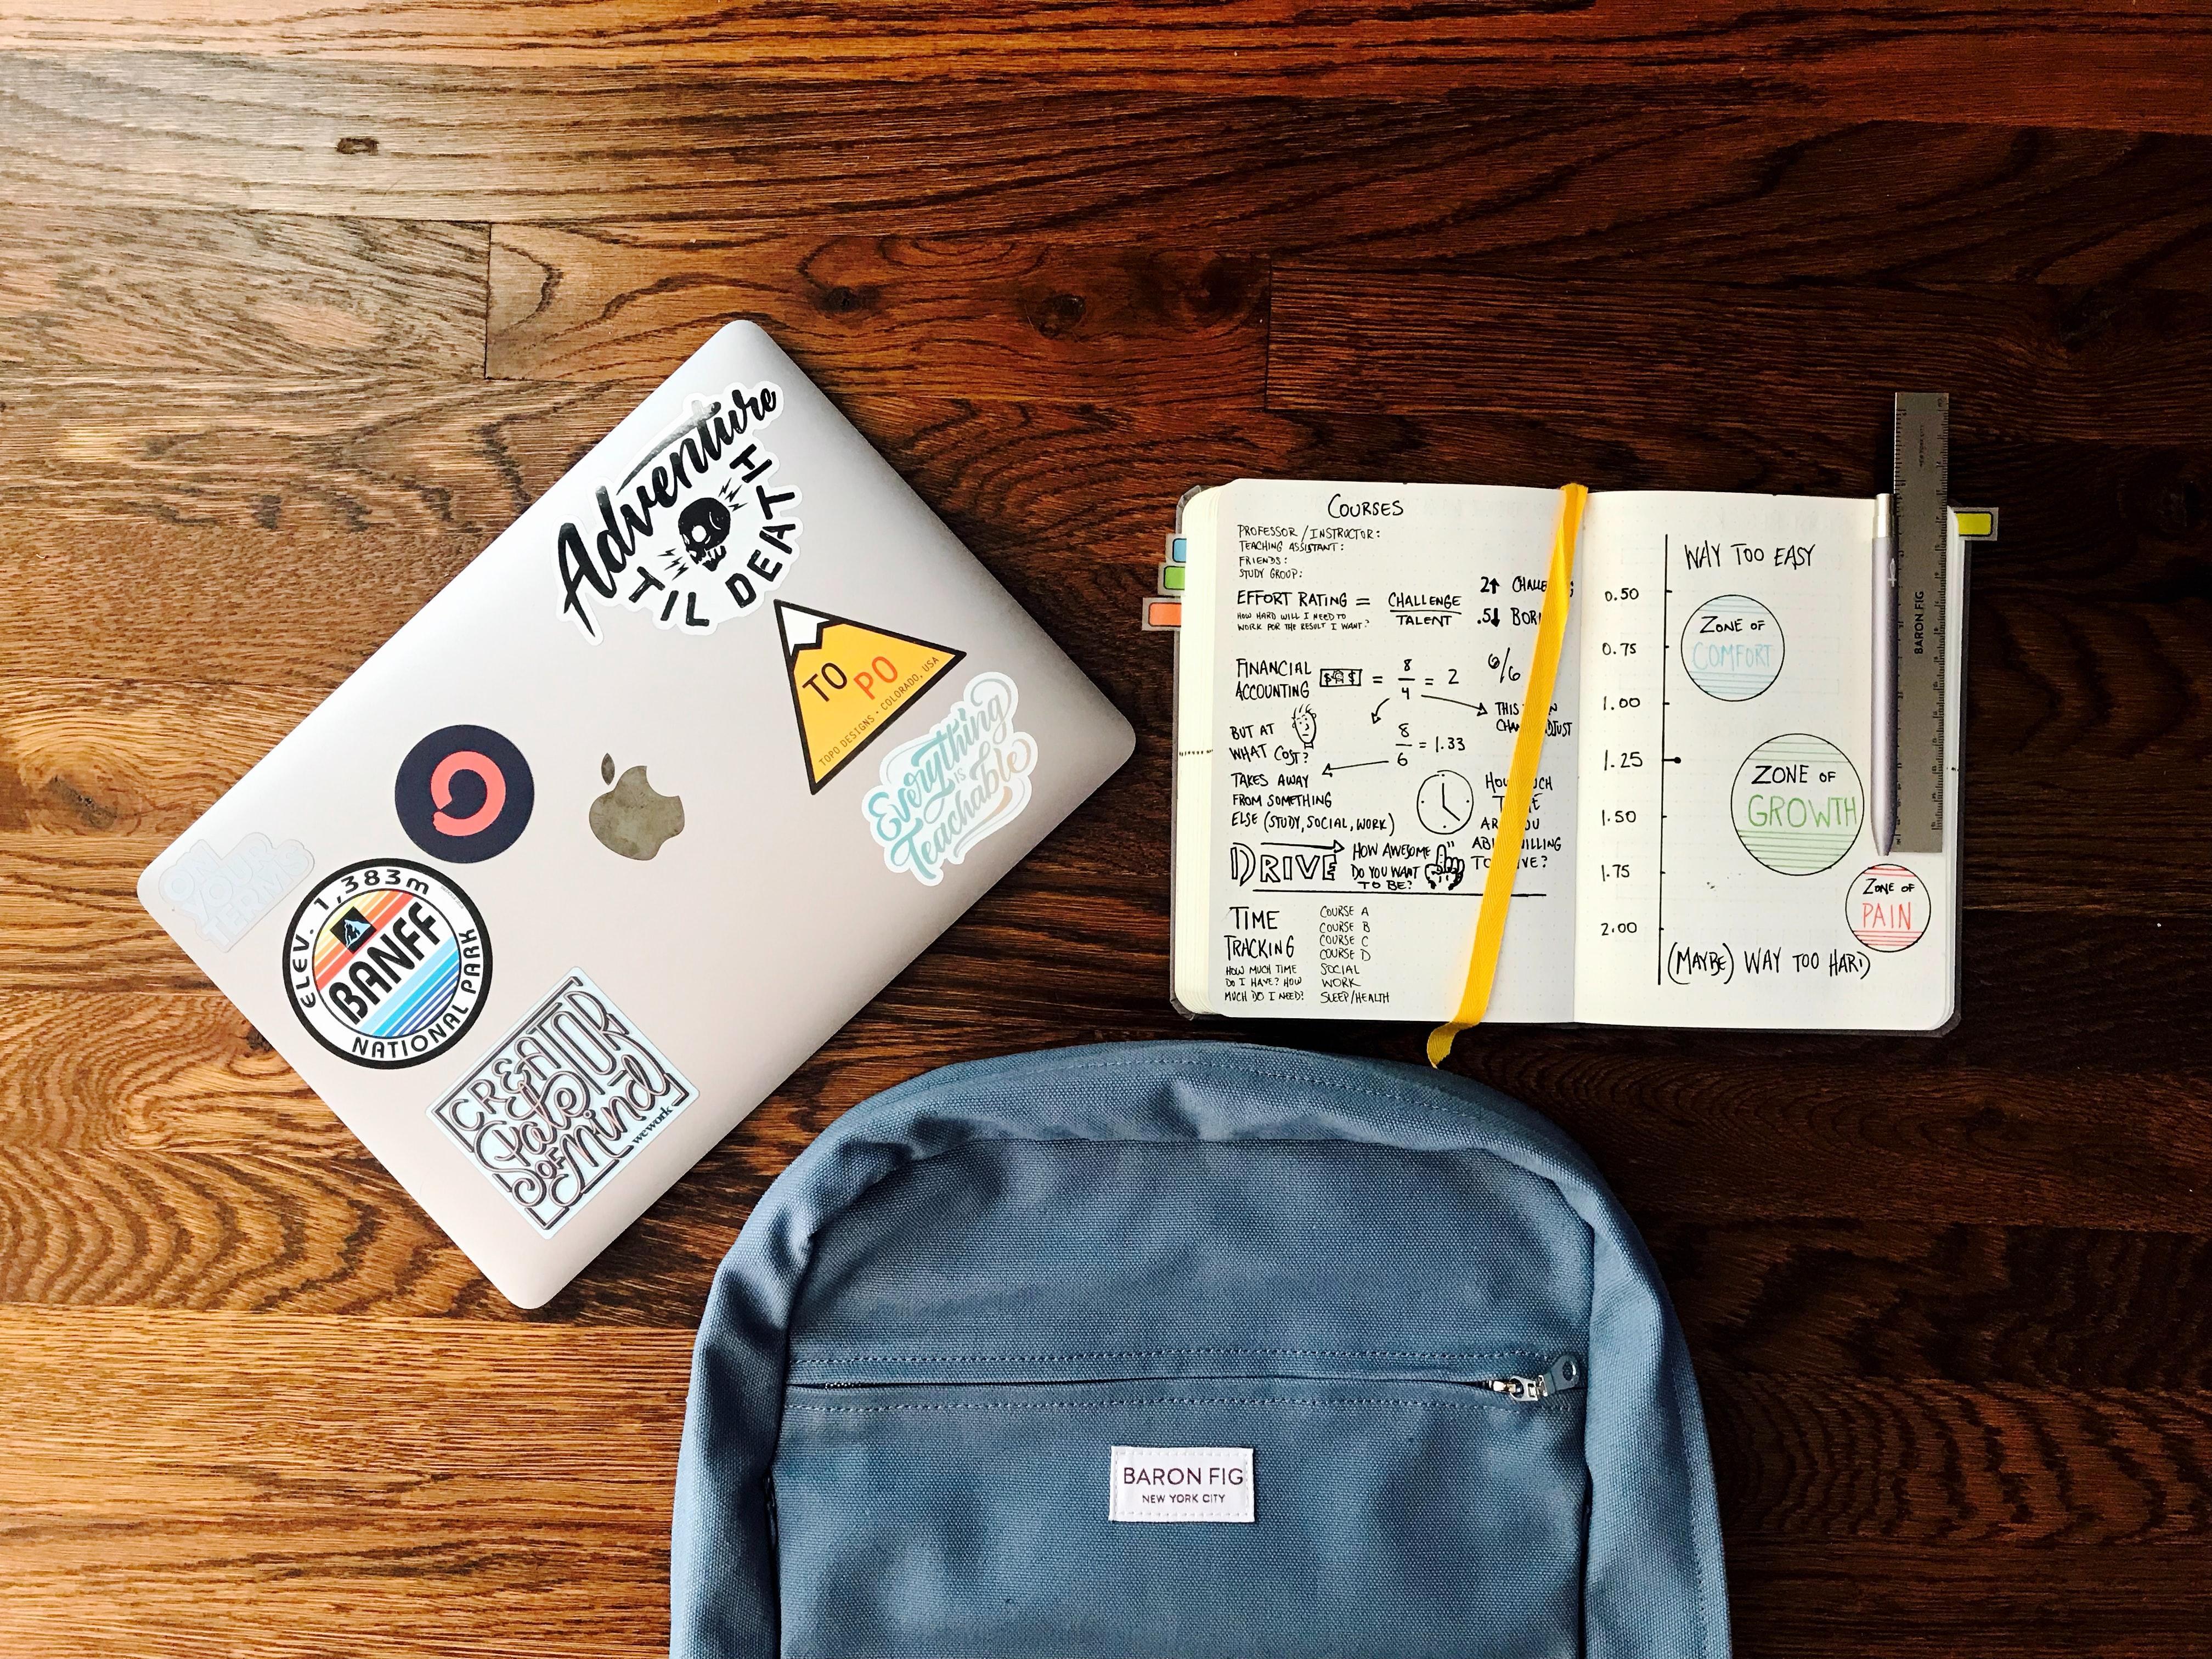 cronograma-de-estudos - mesa com notebook, caderno aberto e mochila em cima